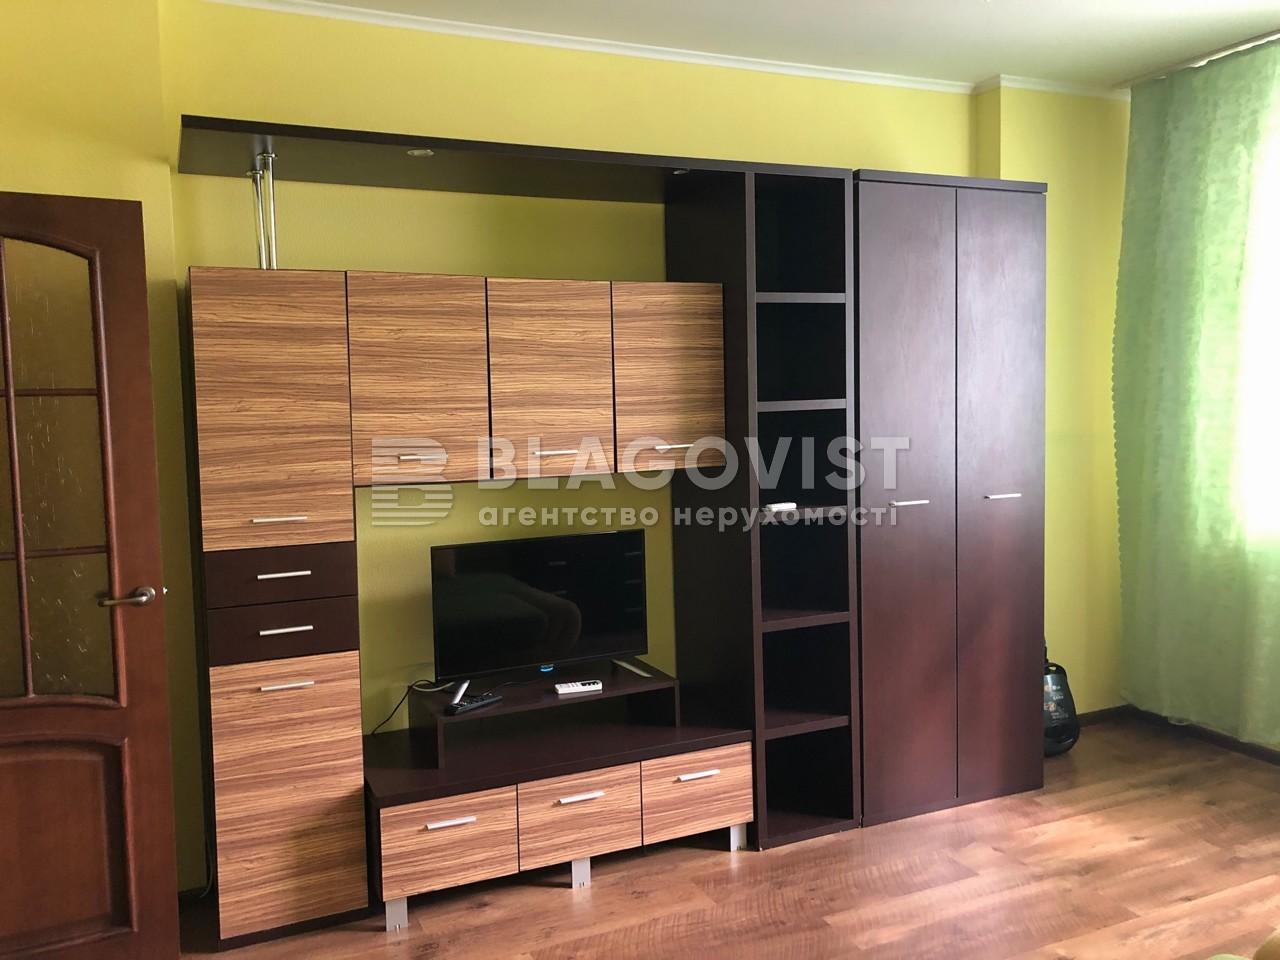 Квартира R-26188, Воскресенская, 16в, Киев - Фото 5